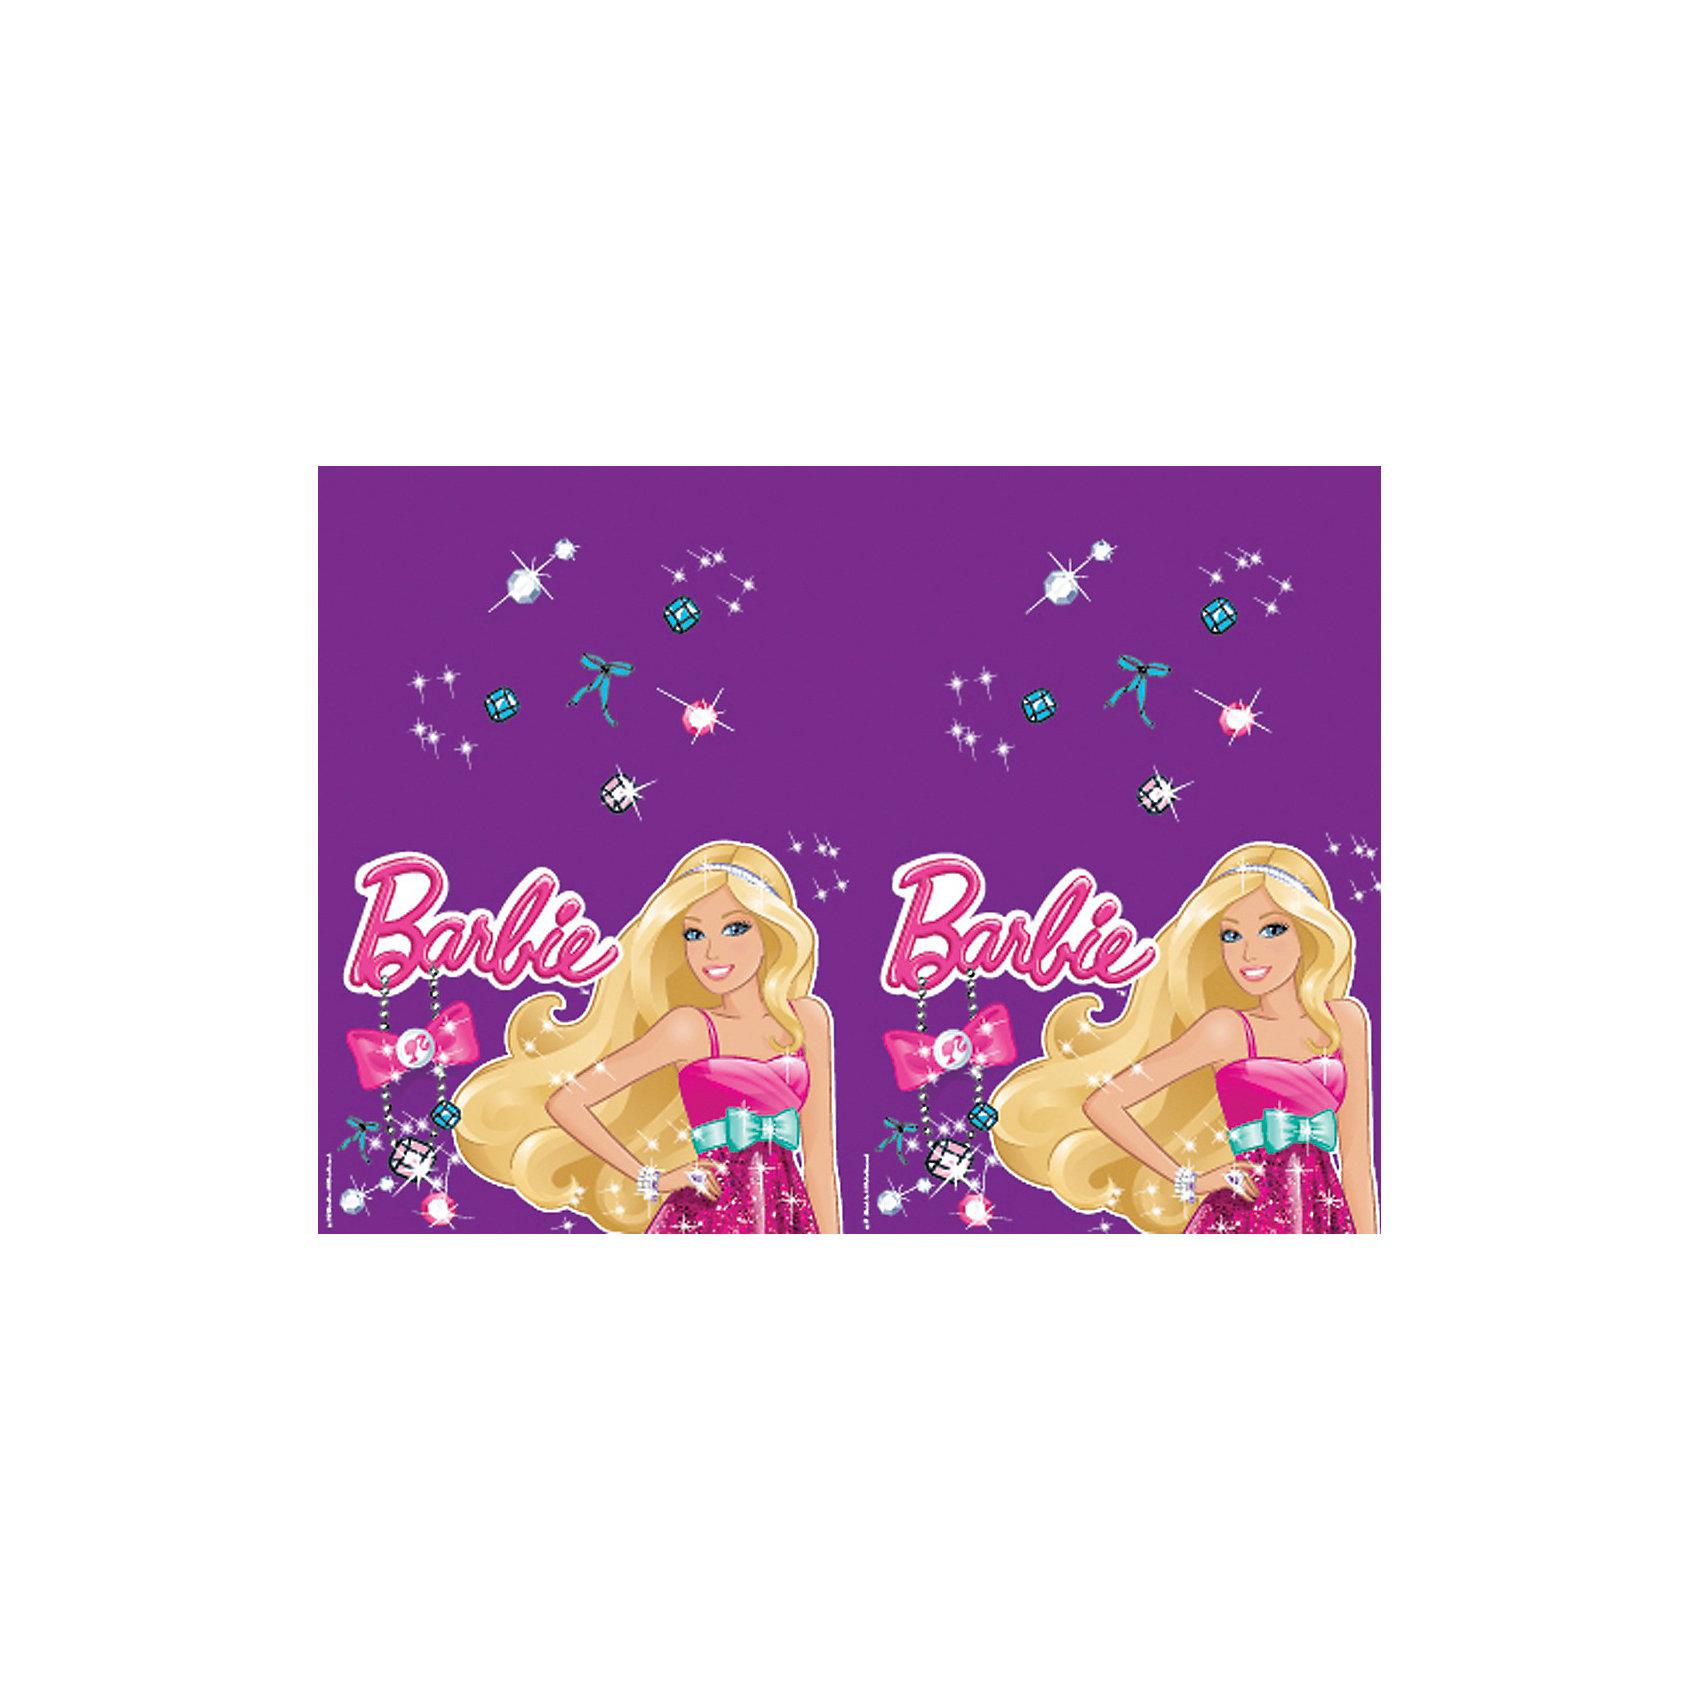 Скатерть Стразы, BarbieBarbie<br>Скатерть полиэтиленовая.<br>Размер: 133 х 183 см.<br>Серия: Barbie (Барби)<br><br>Ширина мм: 215<br>Глубина мм: 3<br>Высота мм: 300<br>Вес г: 80<br>Возраст от месяцев: 36<br>Возраст до месяцев: 120<br>Пол: Женский<br>Возраст: Детский<br>SKU: 3375189